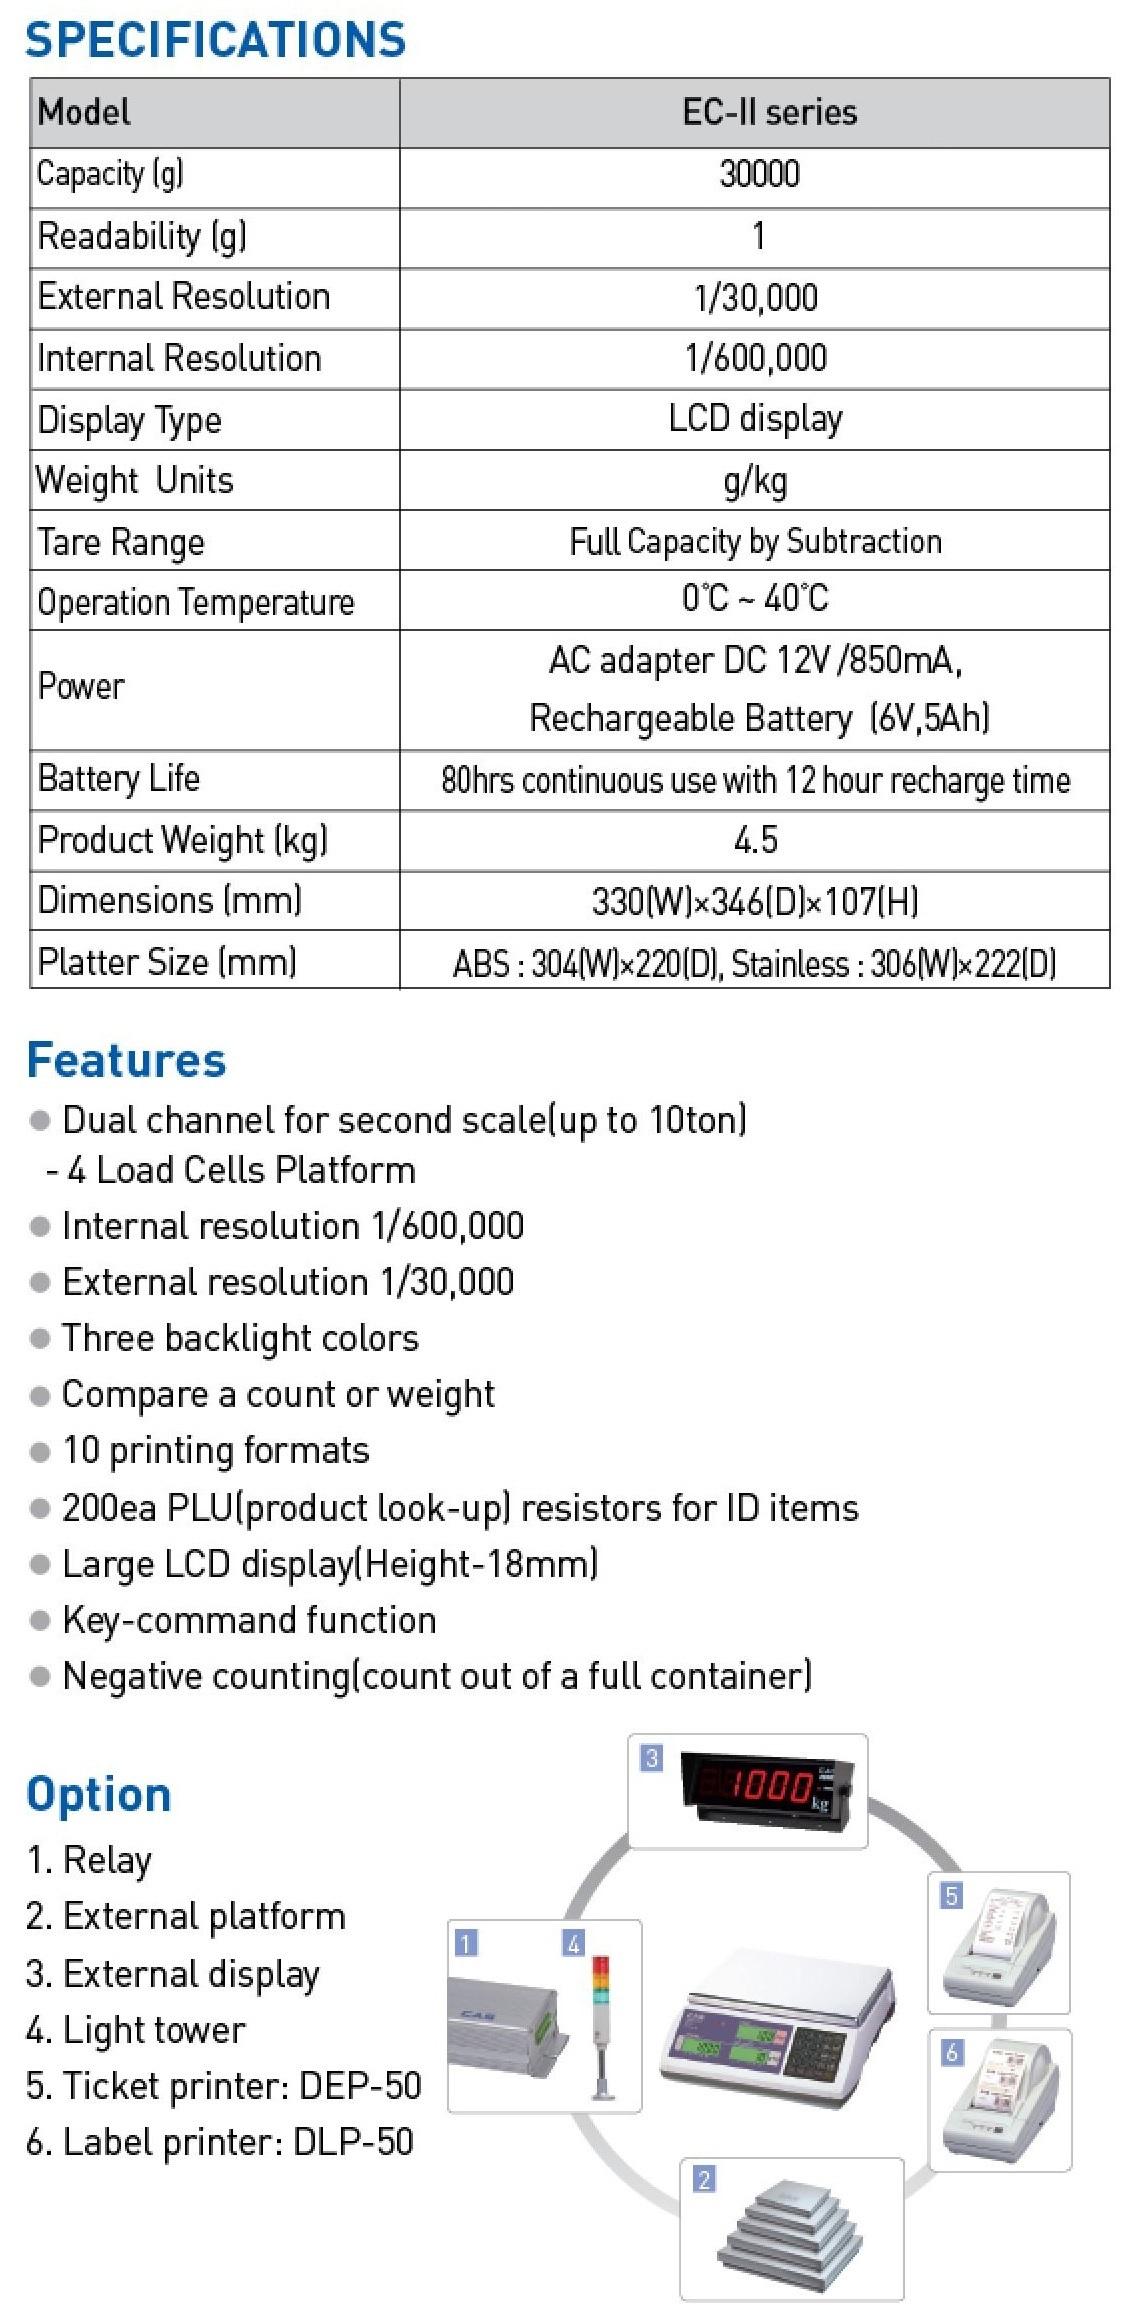 CAS_EC-II 30 desc